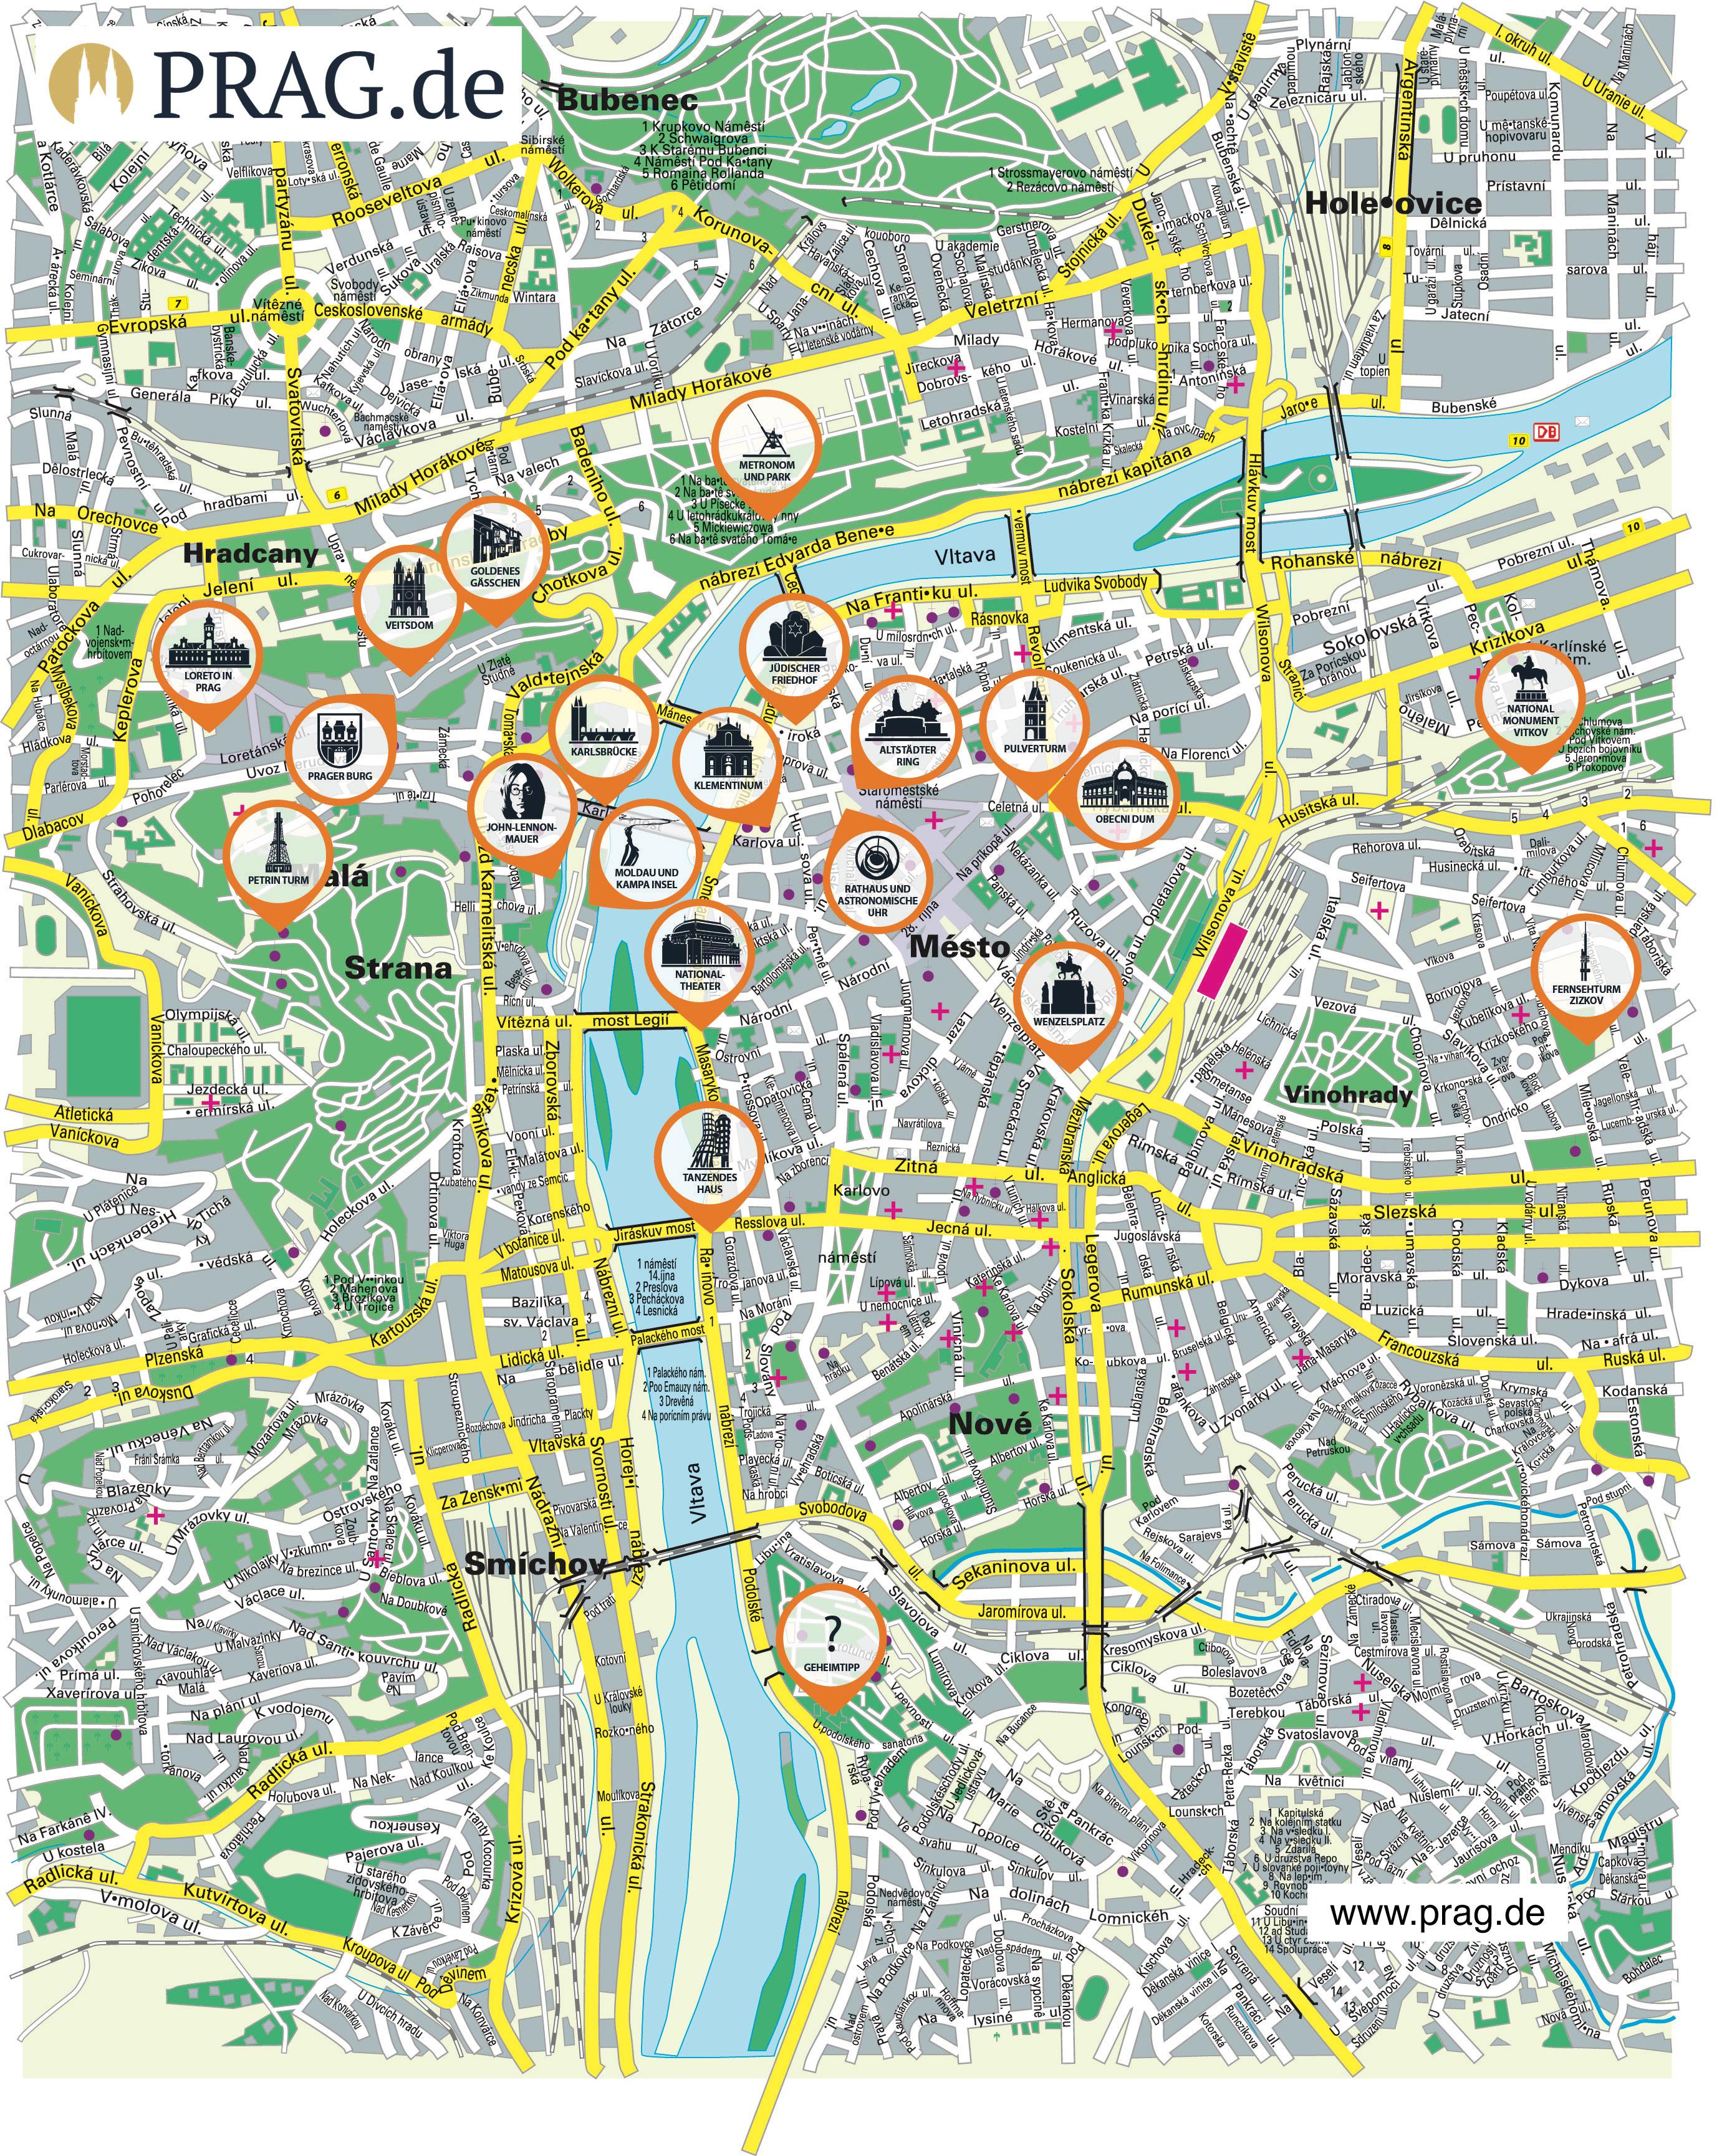 Prag Karte Tschechien.Prag Stadtplan Pdf Sehenswürdigkeiten Altstadt Zum Ausdrucken Als